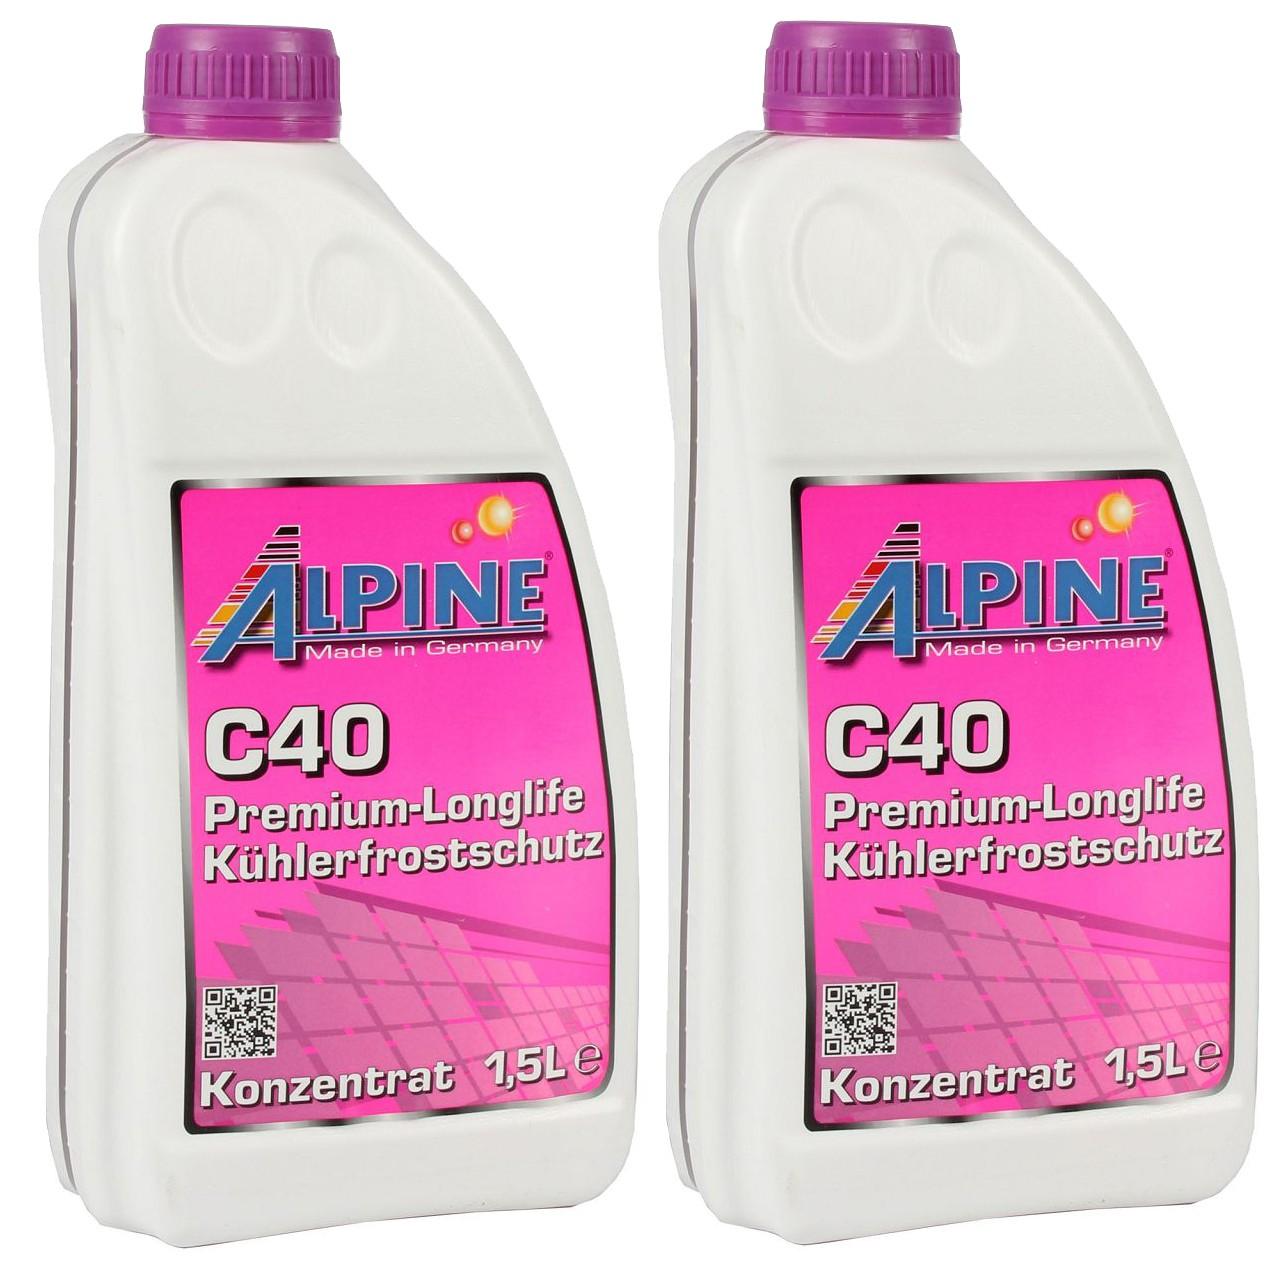 ALPINE Frostschutz Kühler Kühlerfrostschutz Konzentrat 3,0L C40 G40